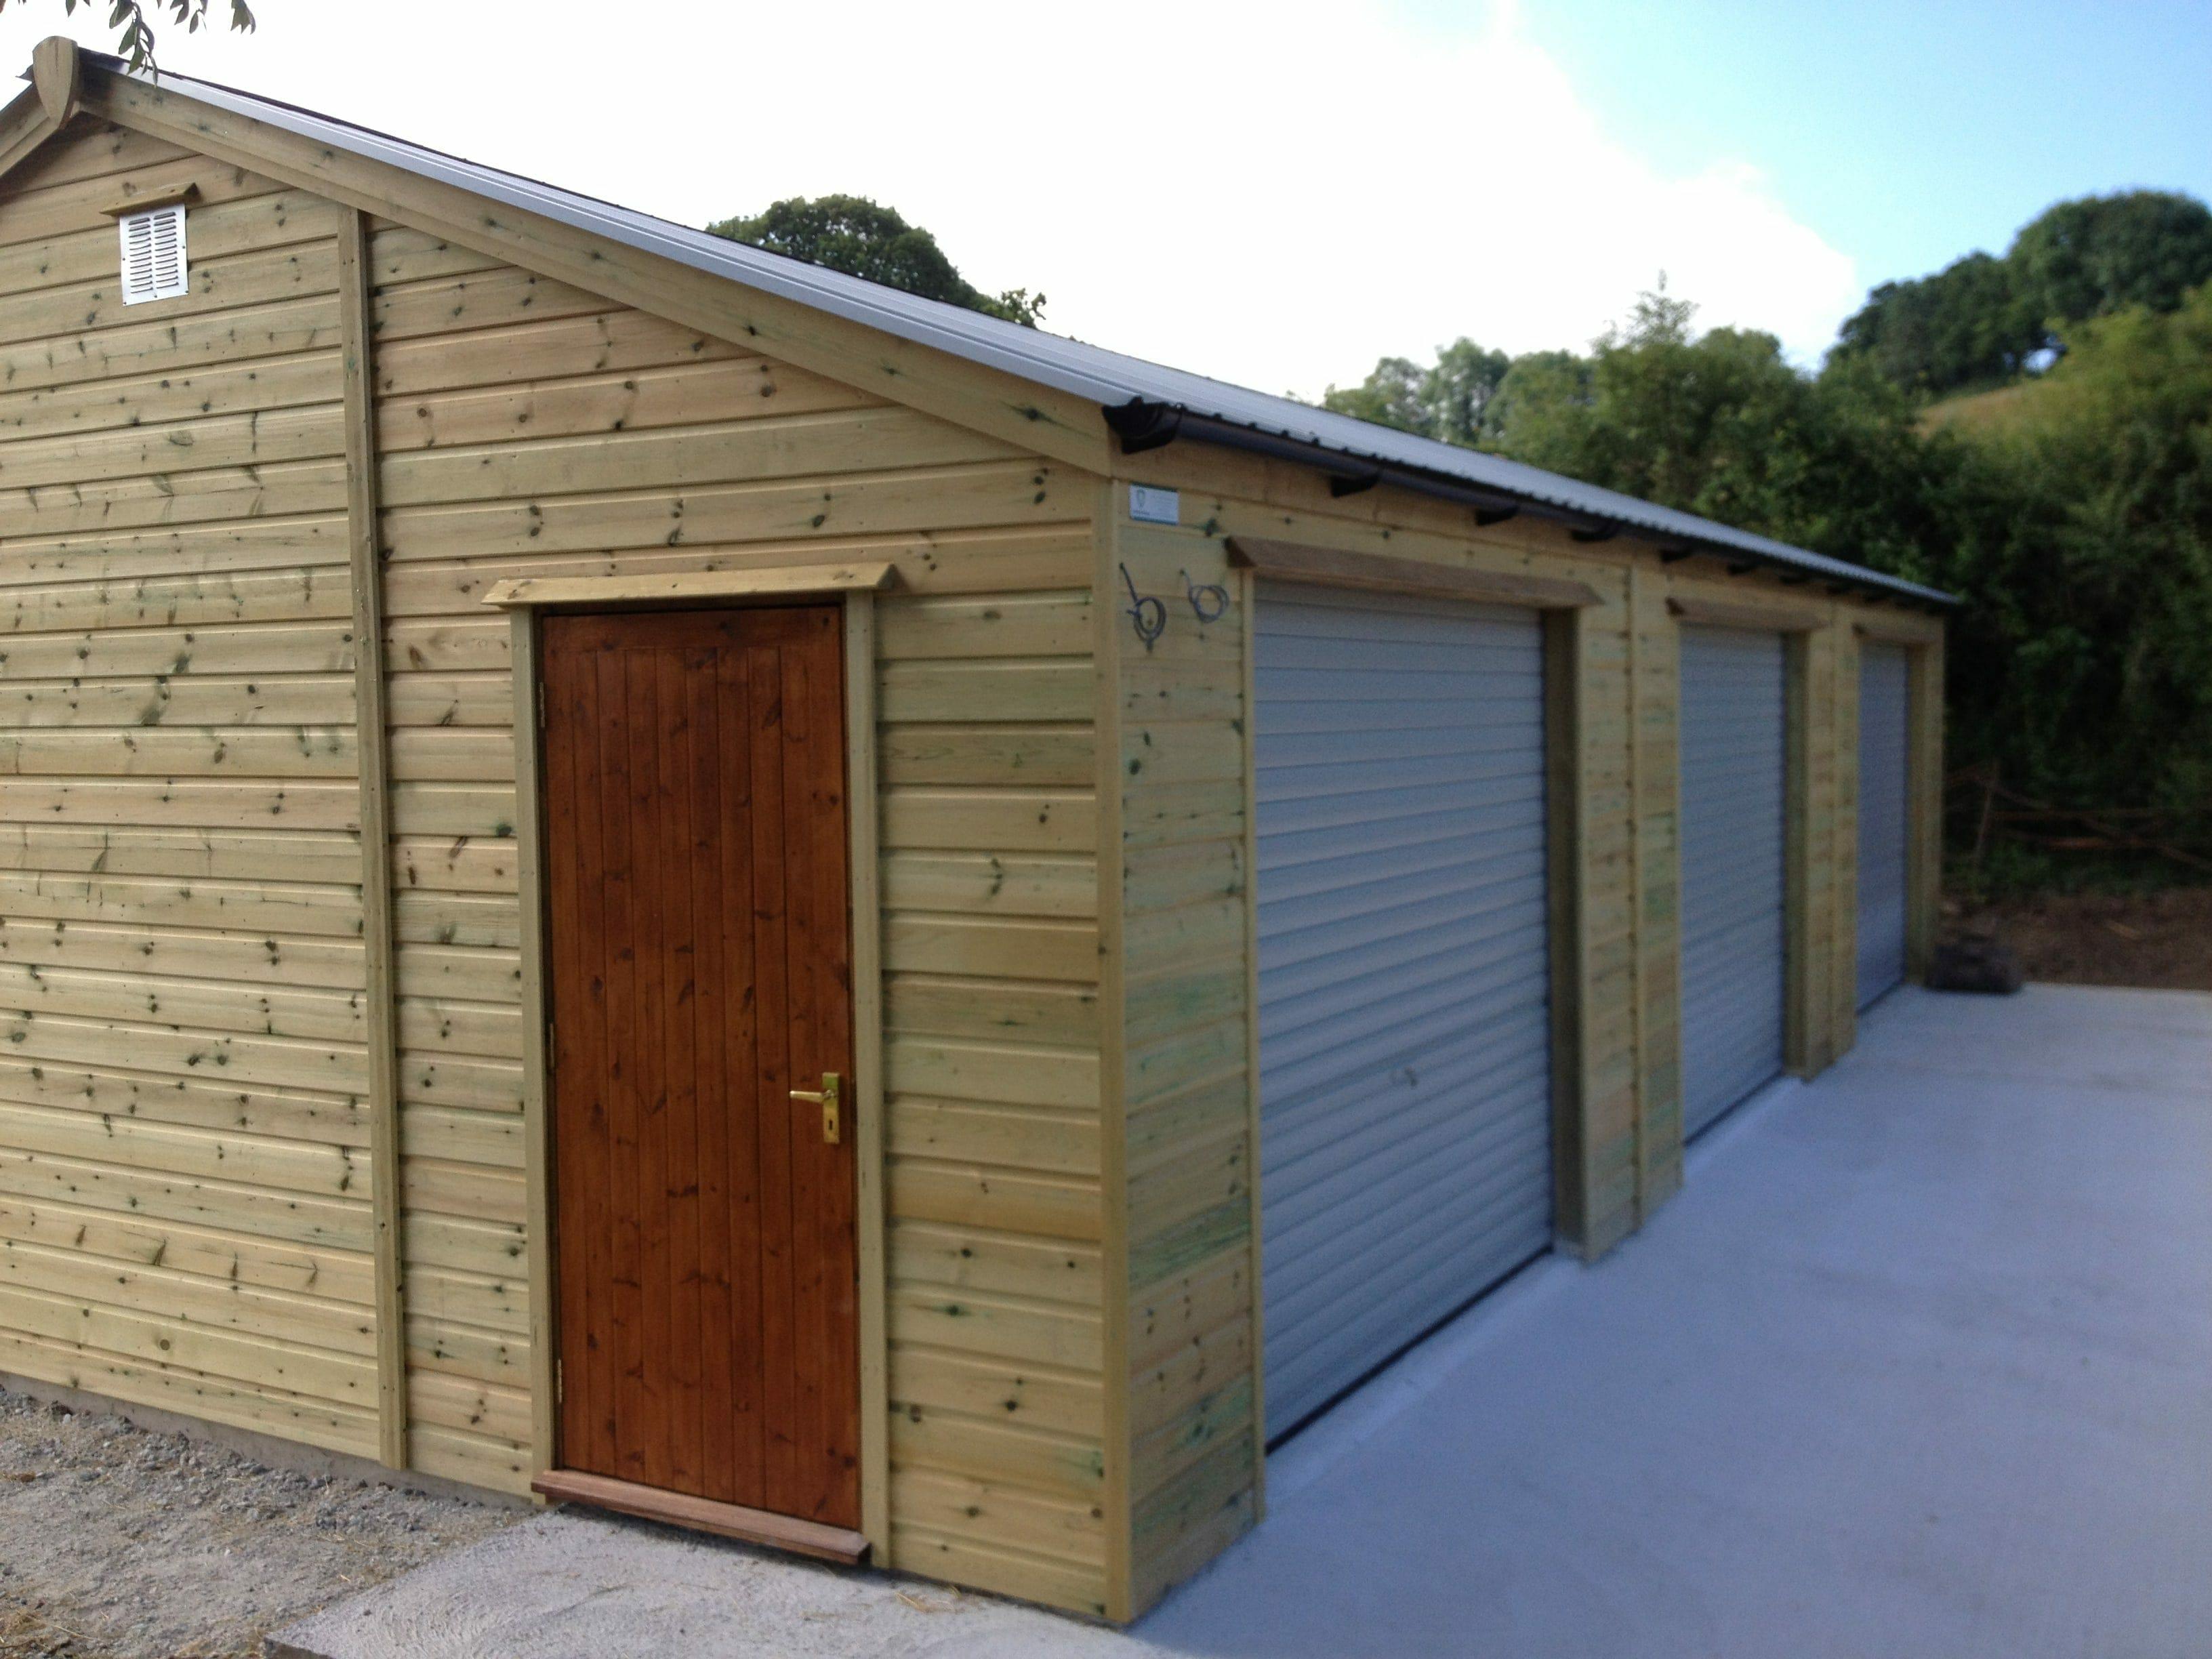 3 bay timber garage